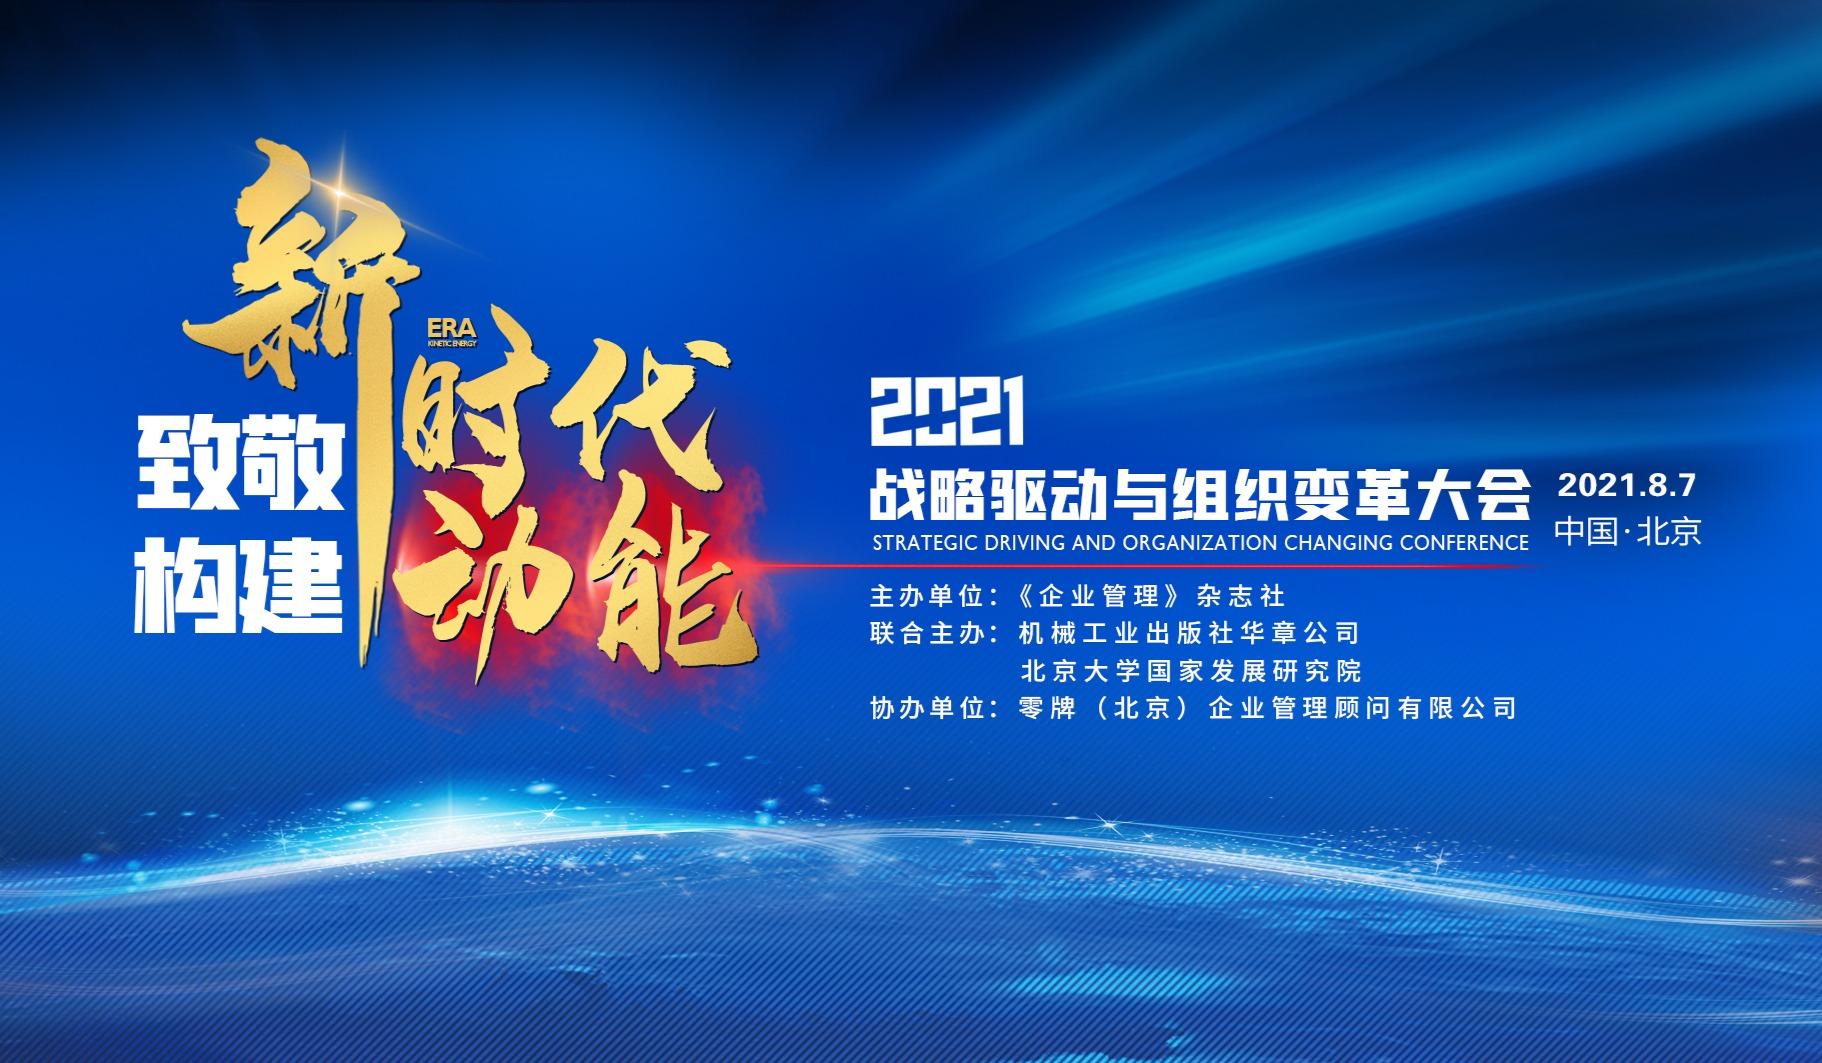 2021战略驱动与组织变革大会